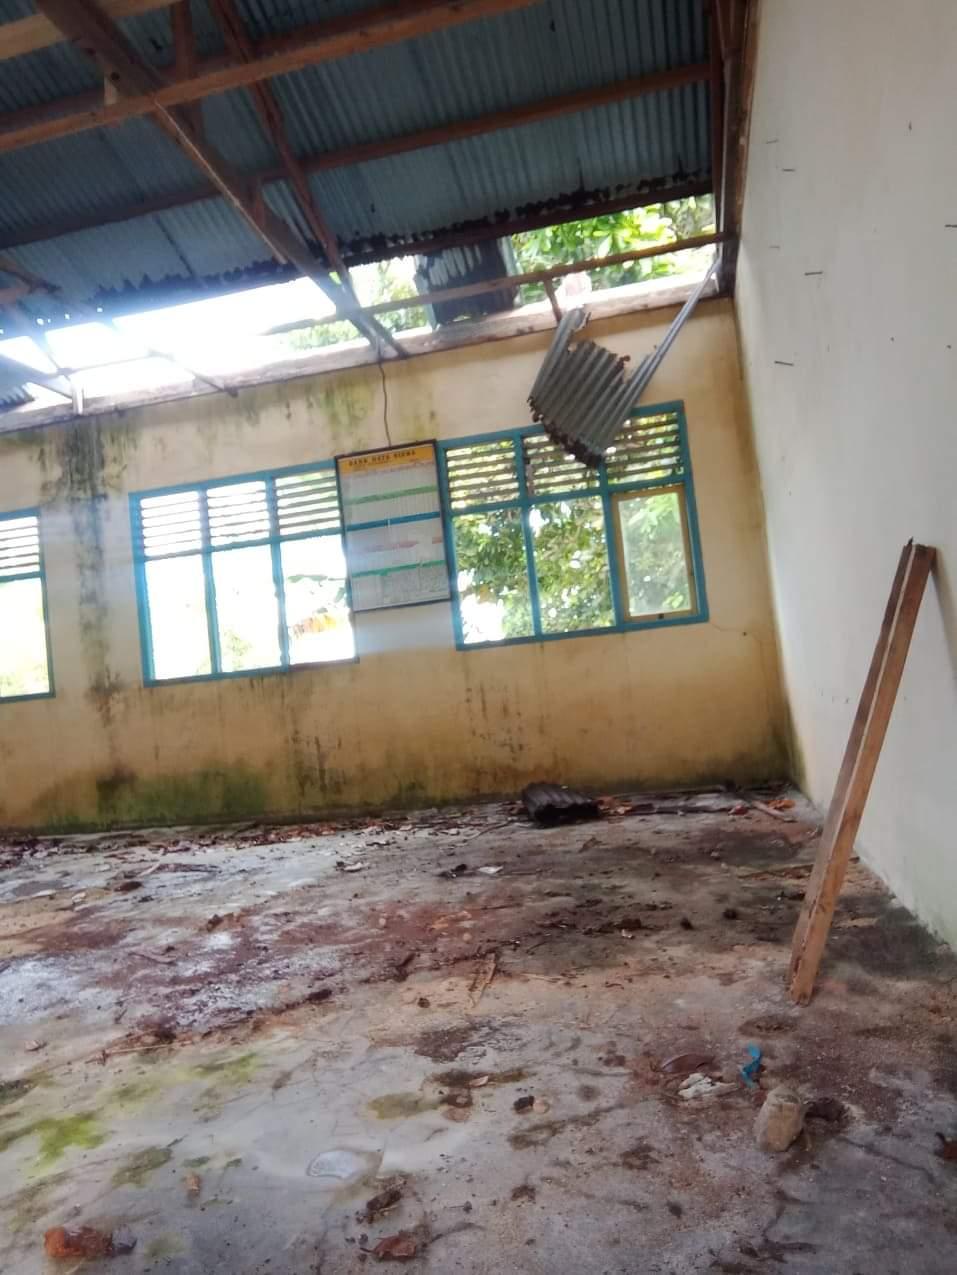 Tiga Lokasi Ruang Belajar SD Negeri 87 Halsel, Membuat Kepsek Kecewa Terhadap Mantan Kadikbud